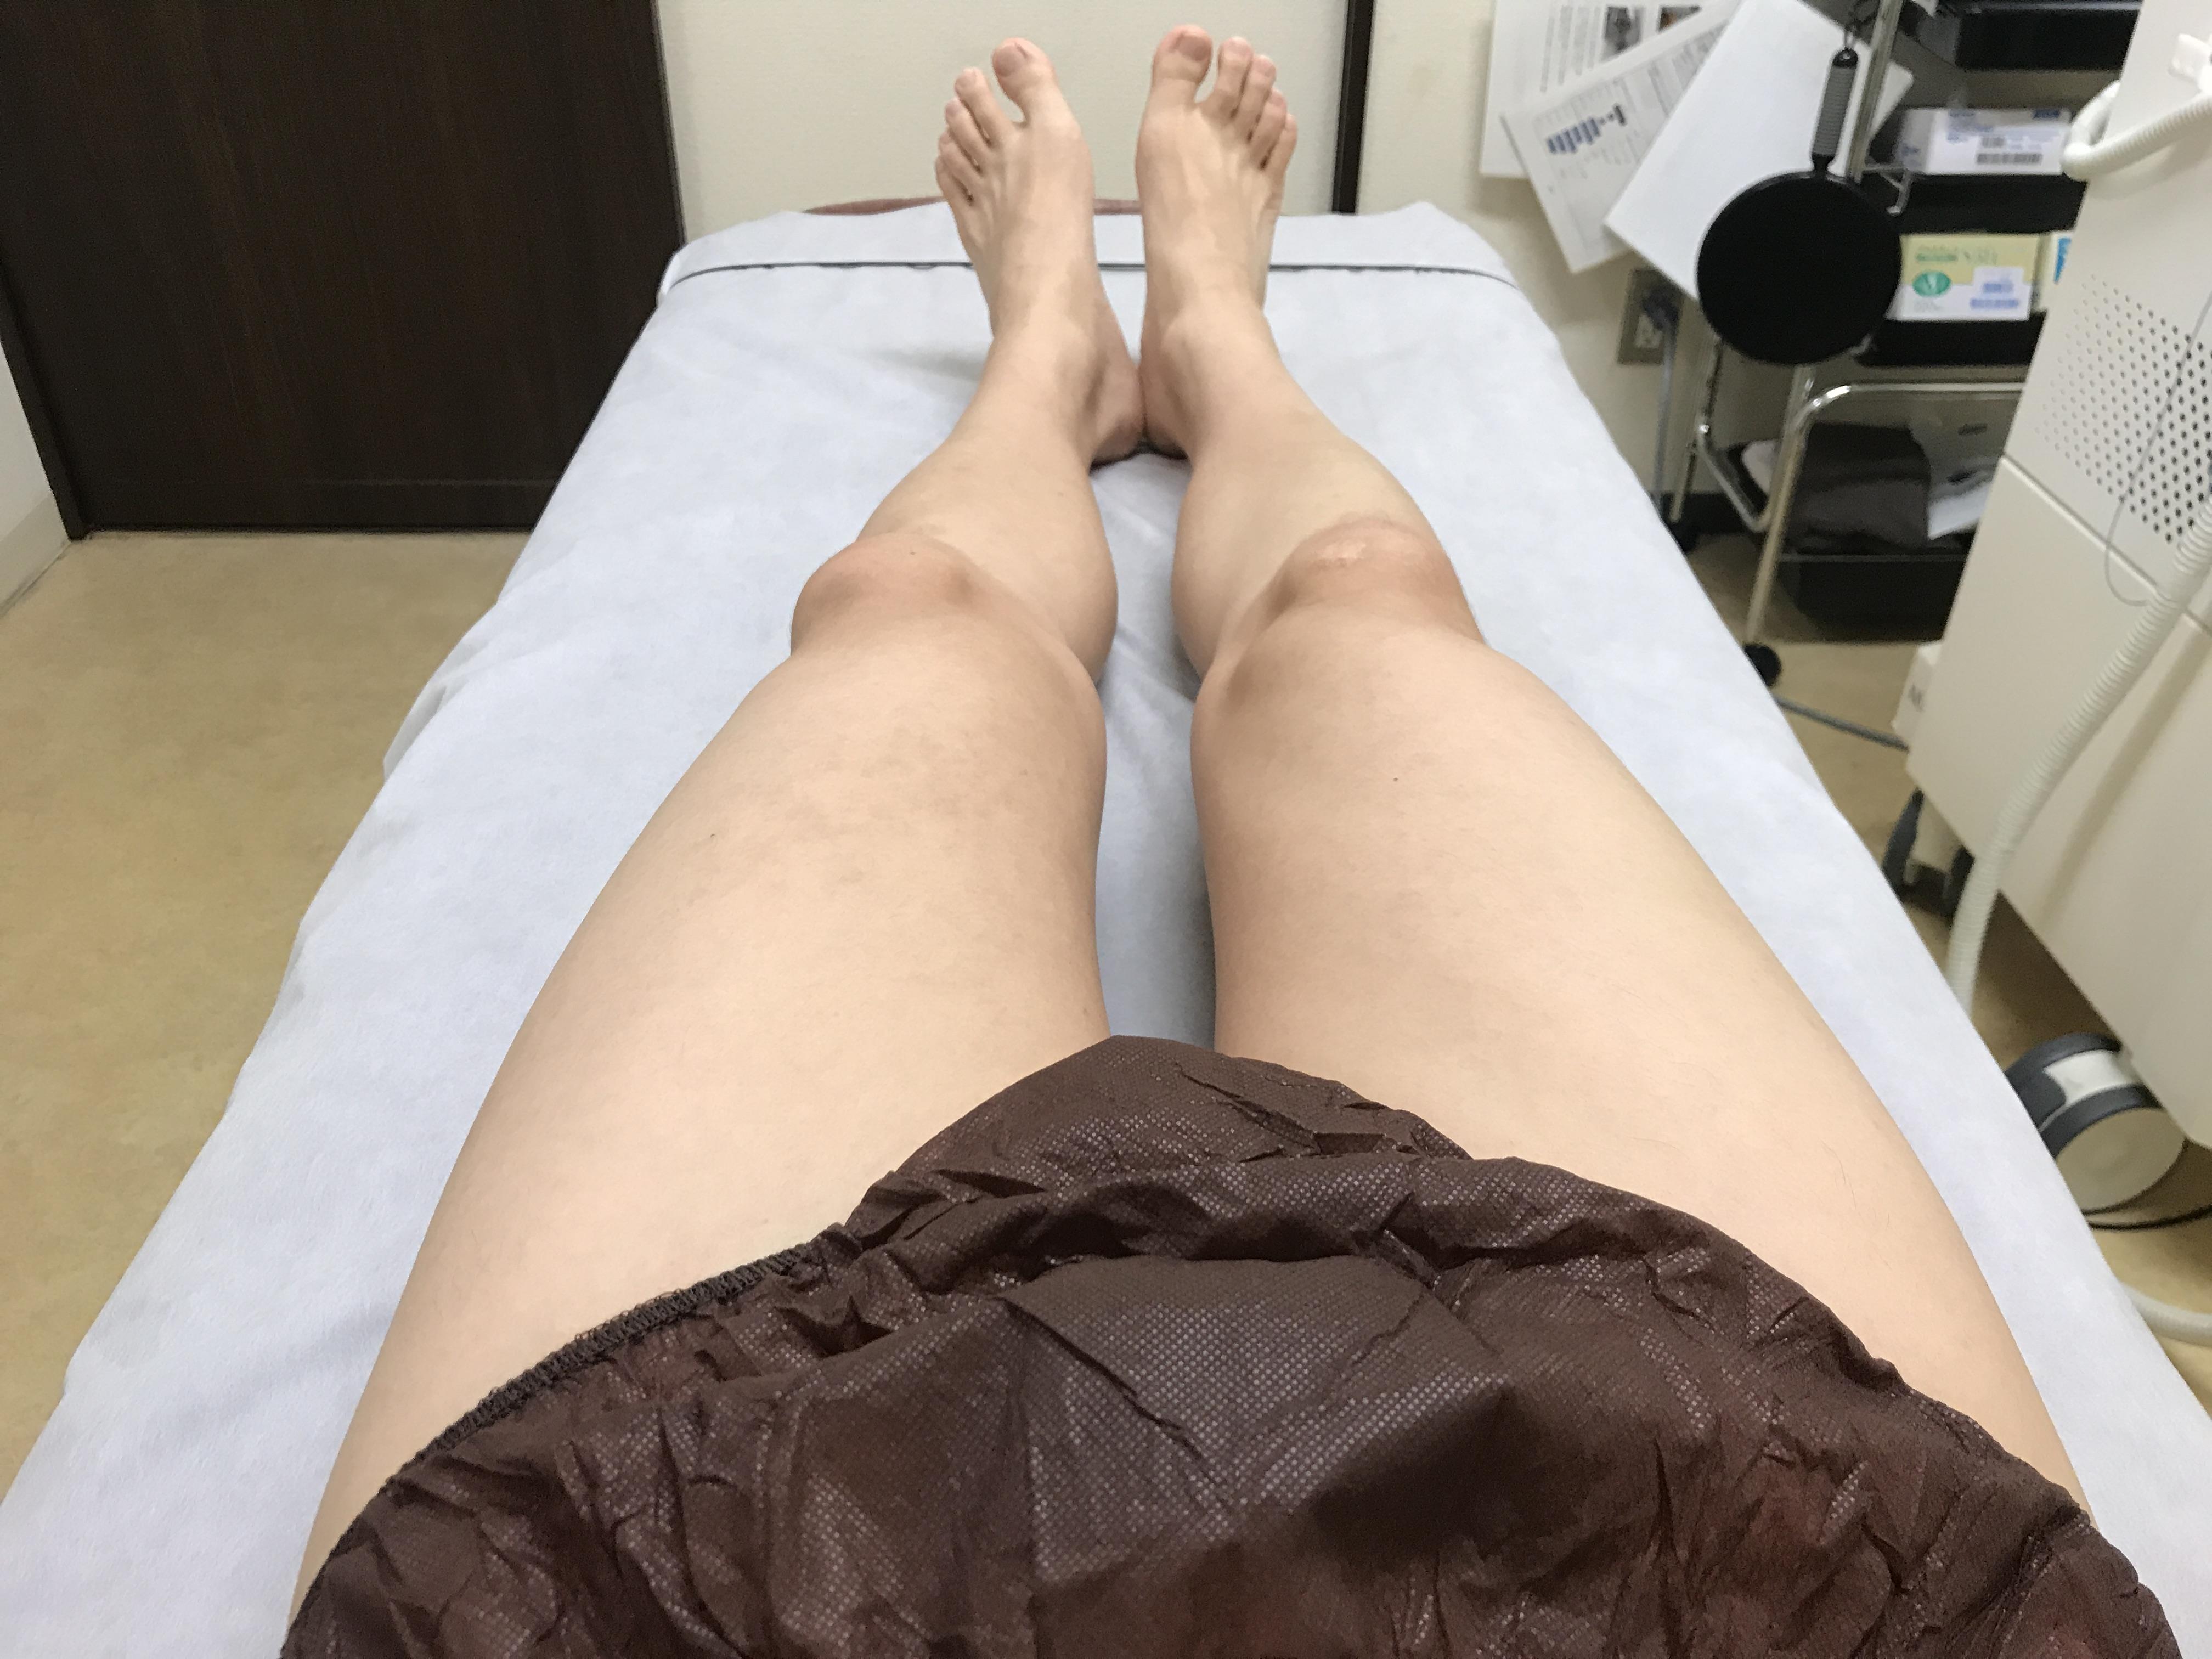 ゴリラクリニックでスネ毛、モモ毛、足指の毛を脱毛してみた!痛みや効果についてレポート!